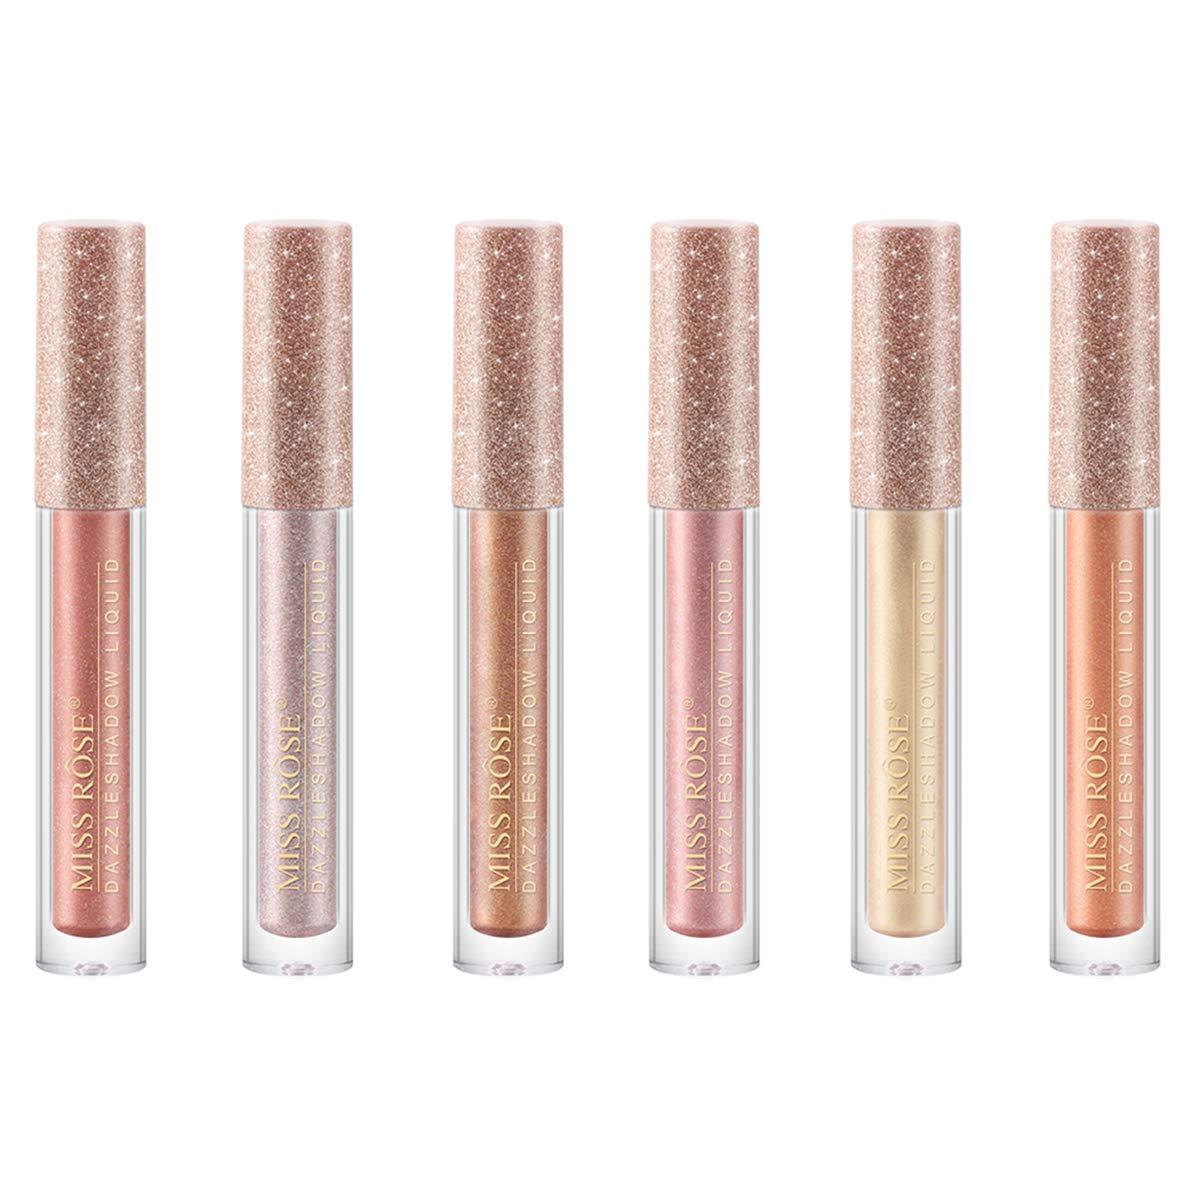 Coosa 6 Colors Glitter Liquid Eyeliner Metallic Shimmer Eyeliners Waterproof Lasting Sparkling Colorful Eyeliner Eye Shadow